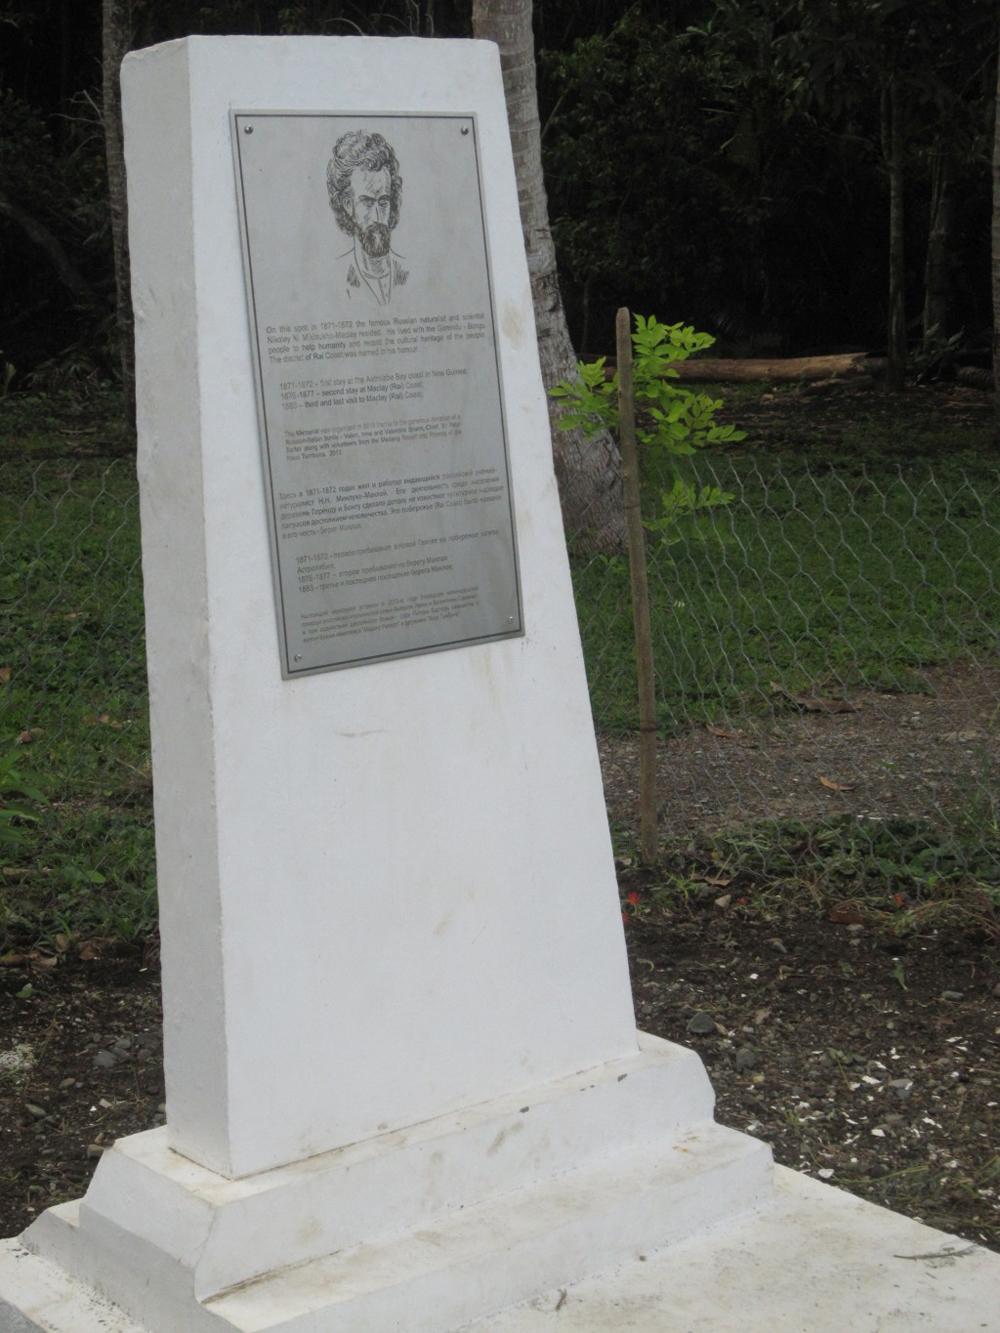 Памятник Миклухо-Маклаю, установленный около деревни Бонгу, Папуа-Новая Гвинея.